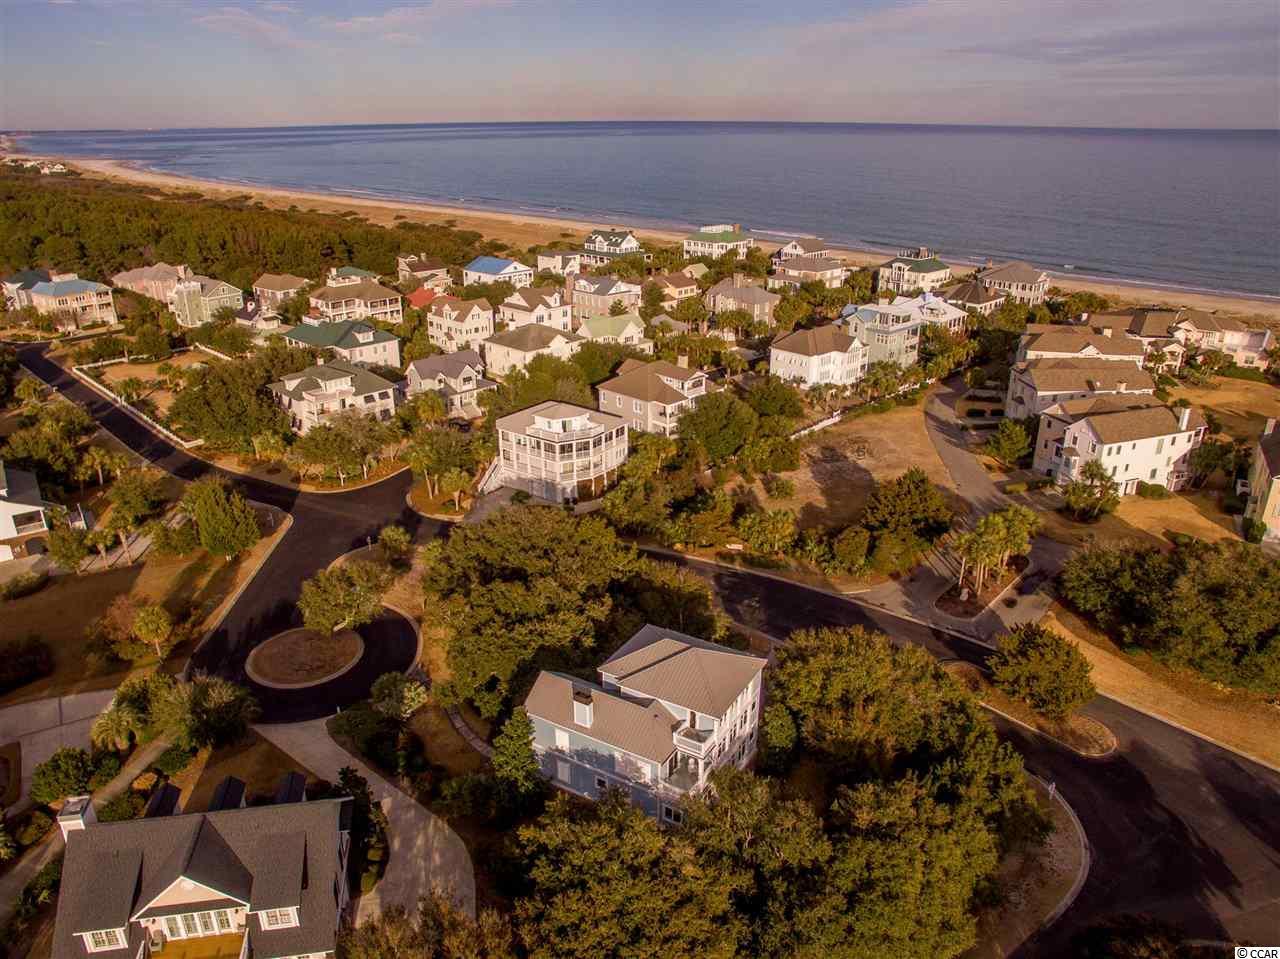 DeBordieu Colony's Ocean Park